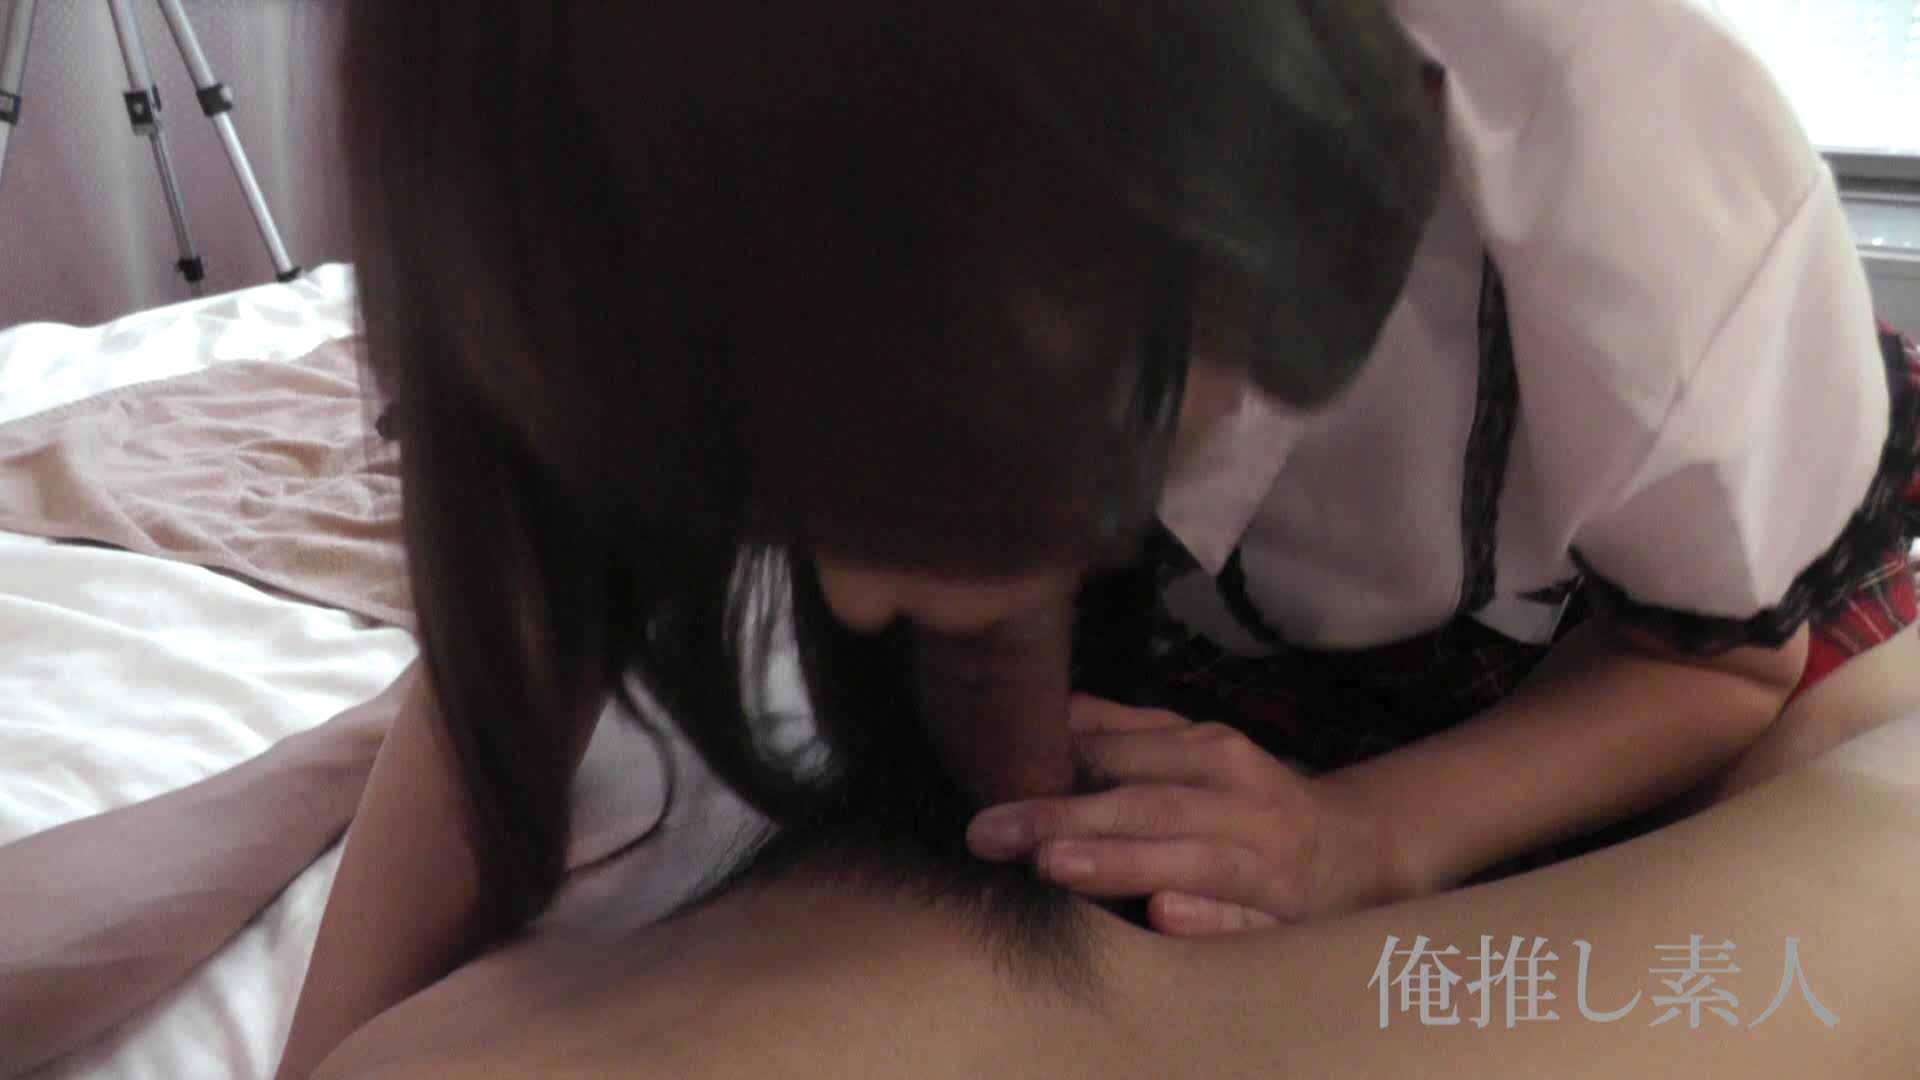 俺推し素人 EカップシングルマザーOL30歳瑤子vol3 人妻の裸体   投稿  103枚 45